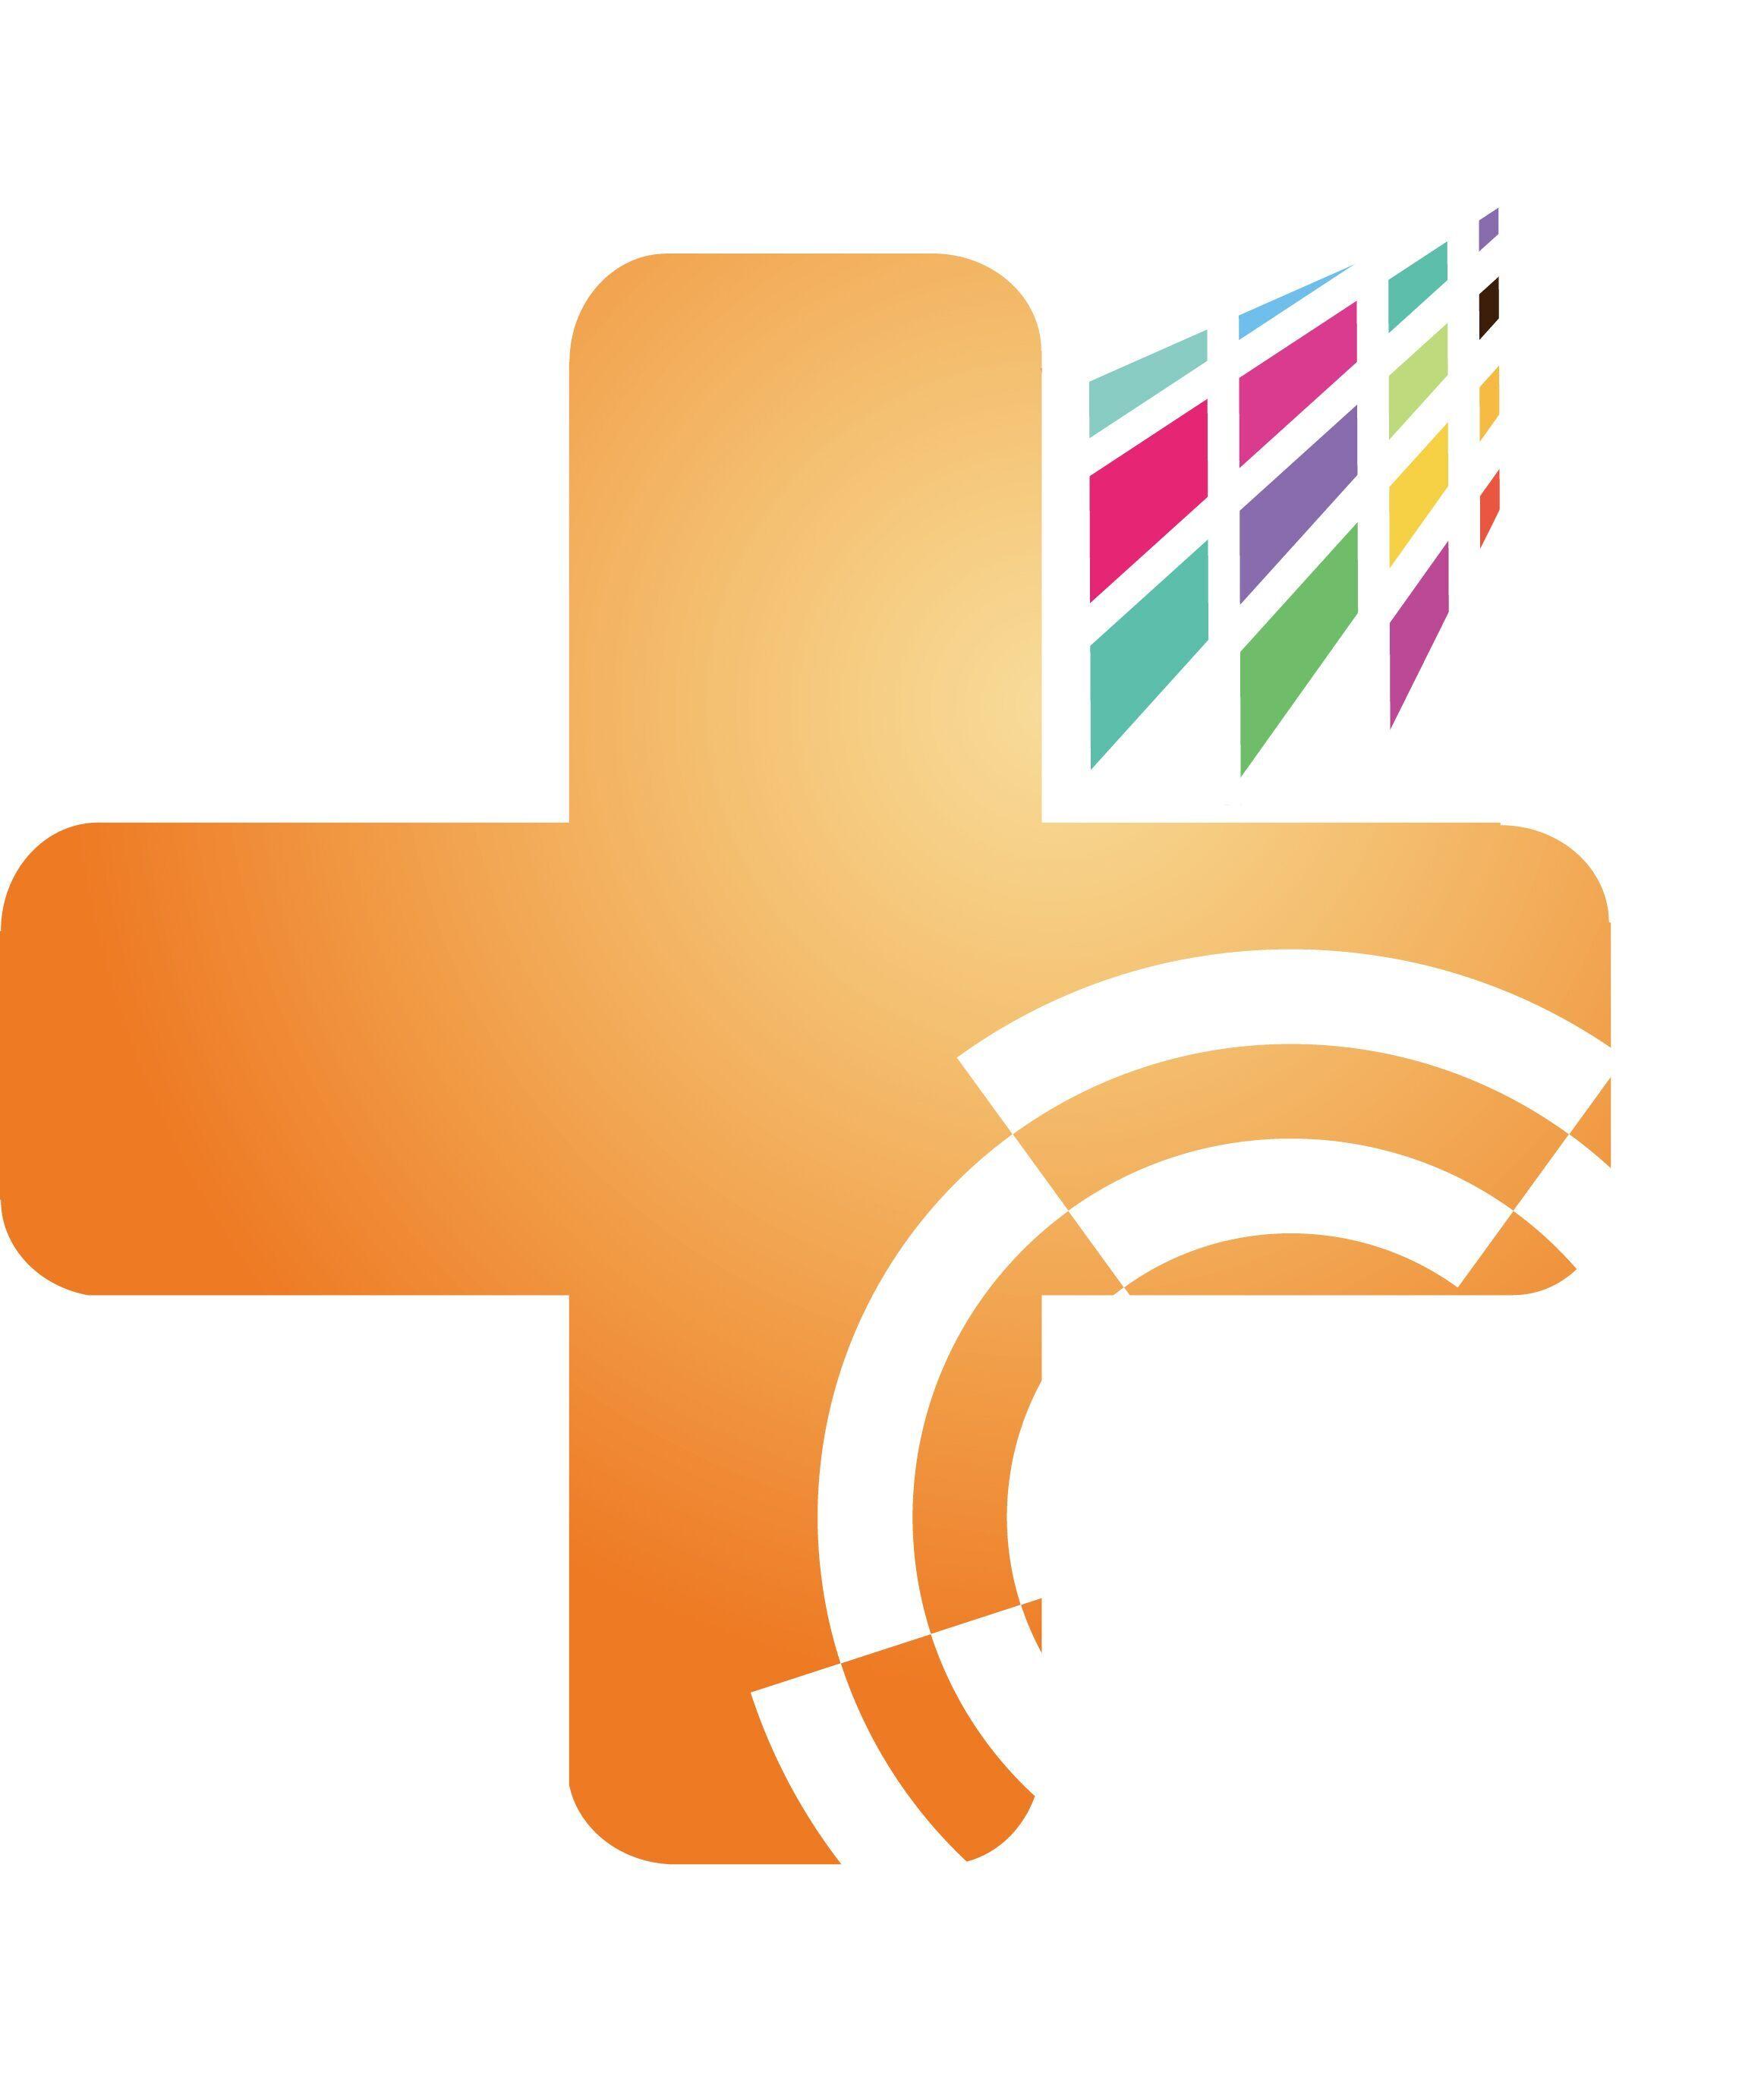 logo logo 标志 设计 矢量 矢量图 素材 图标 2324_2747